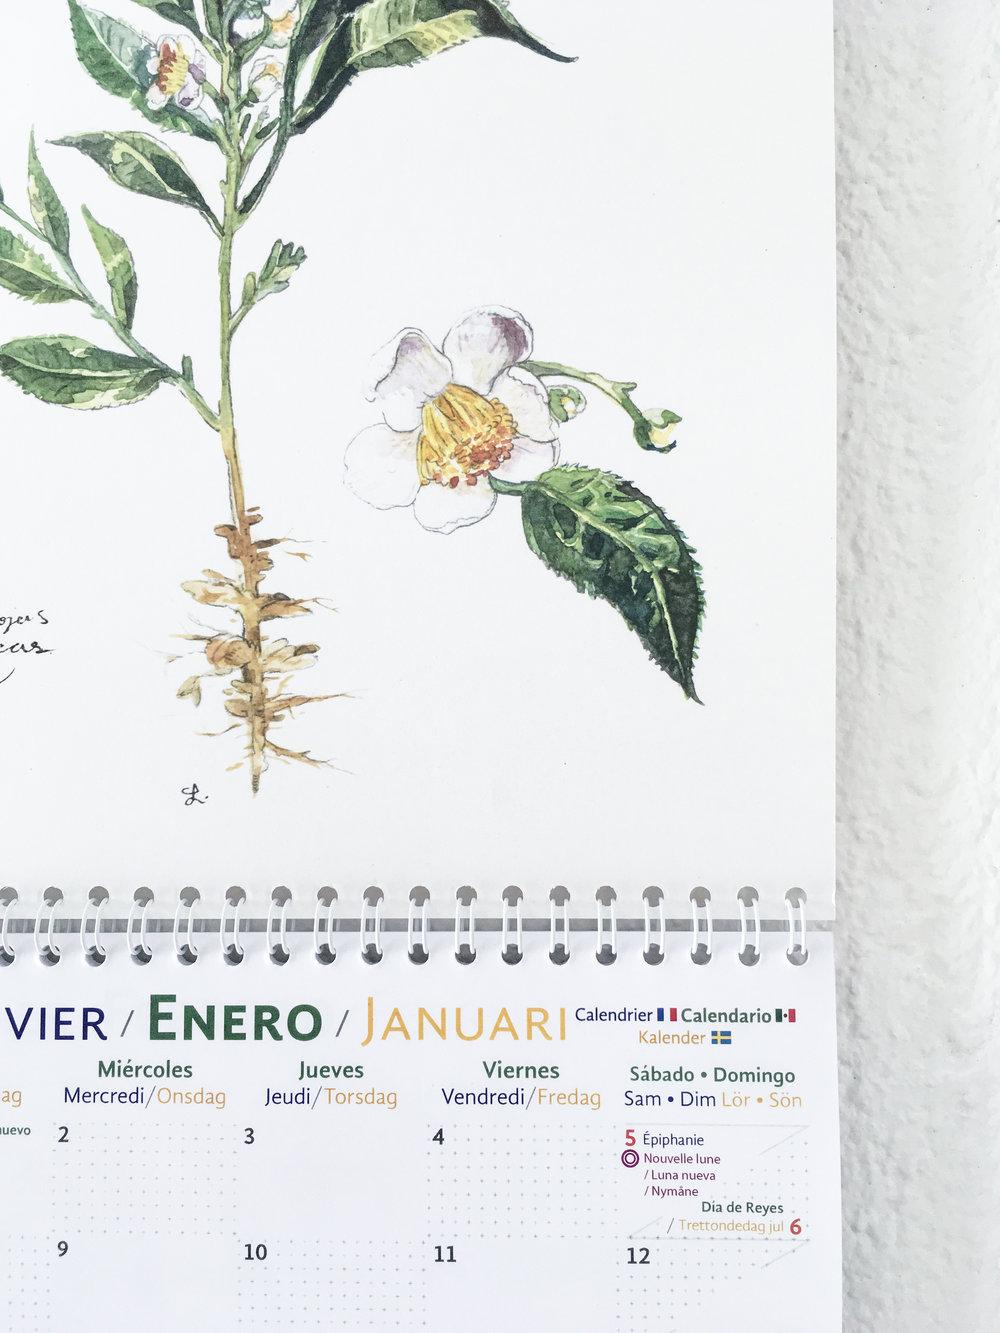 calendario 2019 09.JPG